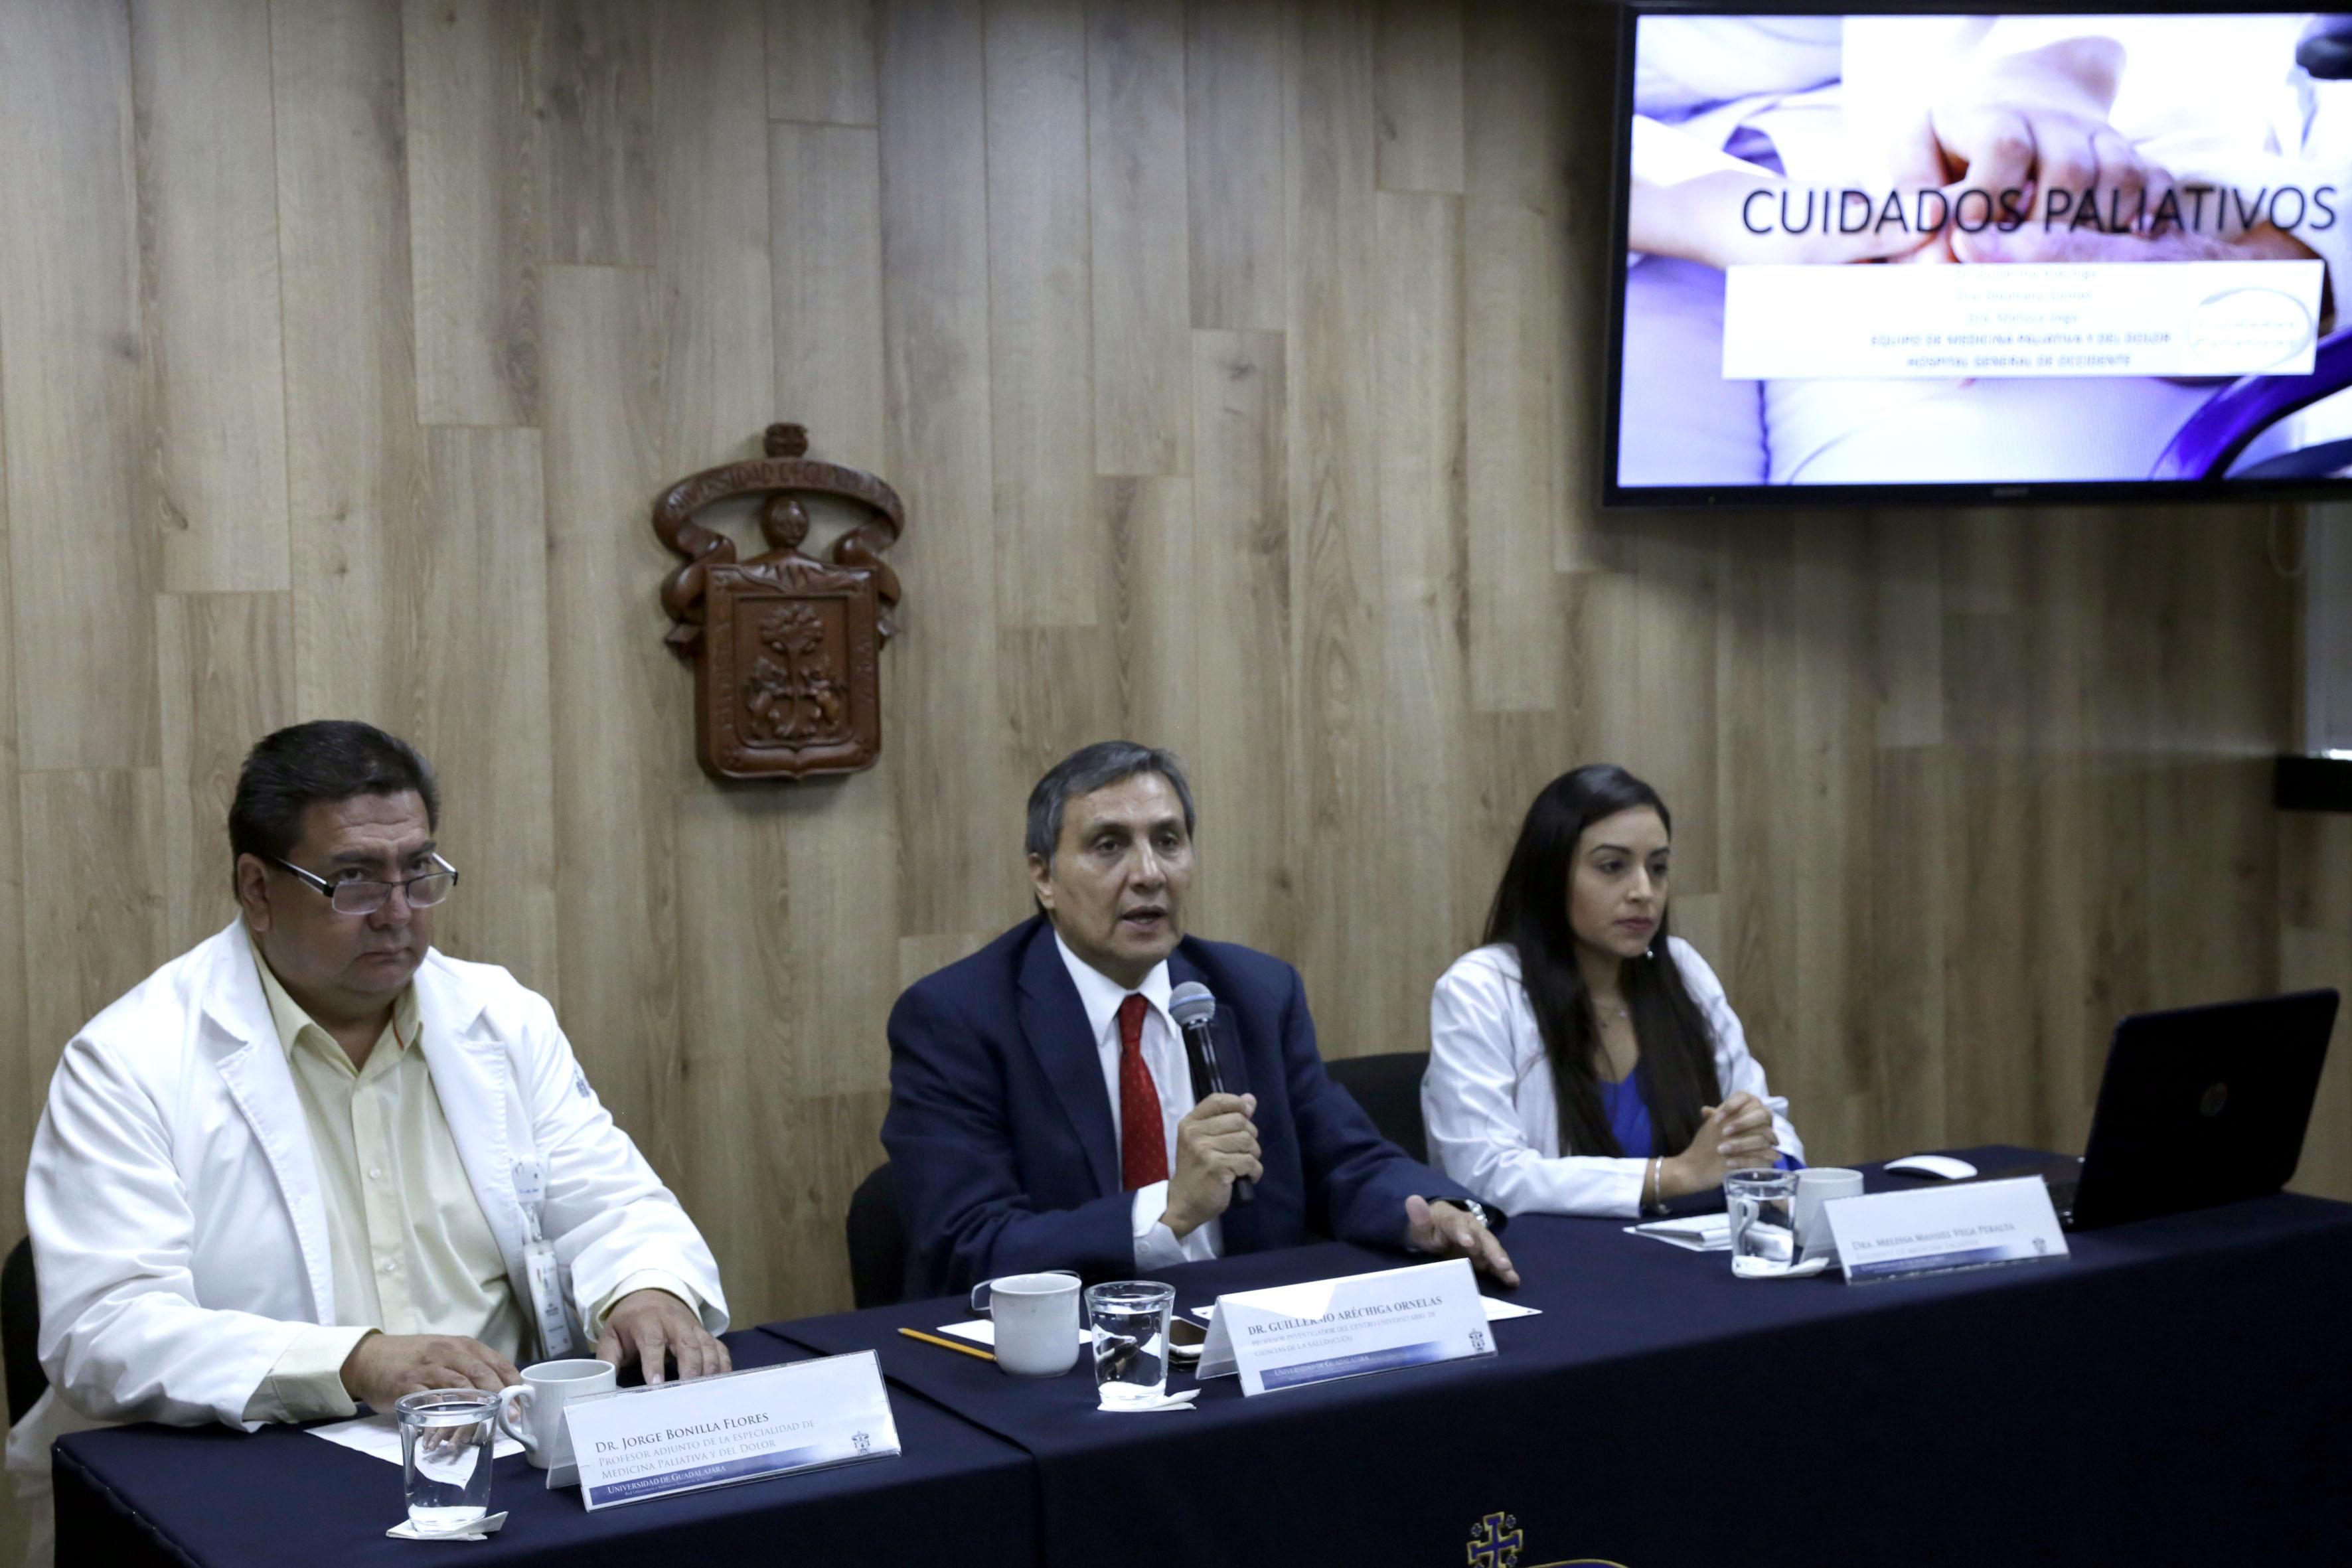 doctor Guillermo Aréchiga Ornelas, profesor investigador del Centro Universitario de Ciencias de la Salud (CUCS), de la Universidad de Guadalajara (UdeG). participando en rueda de prensa